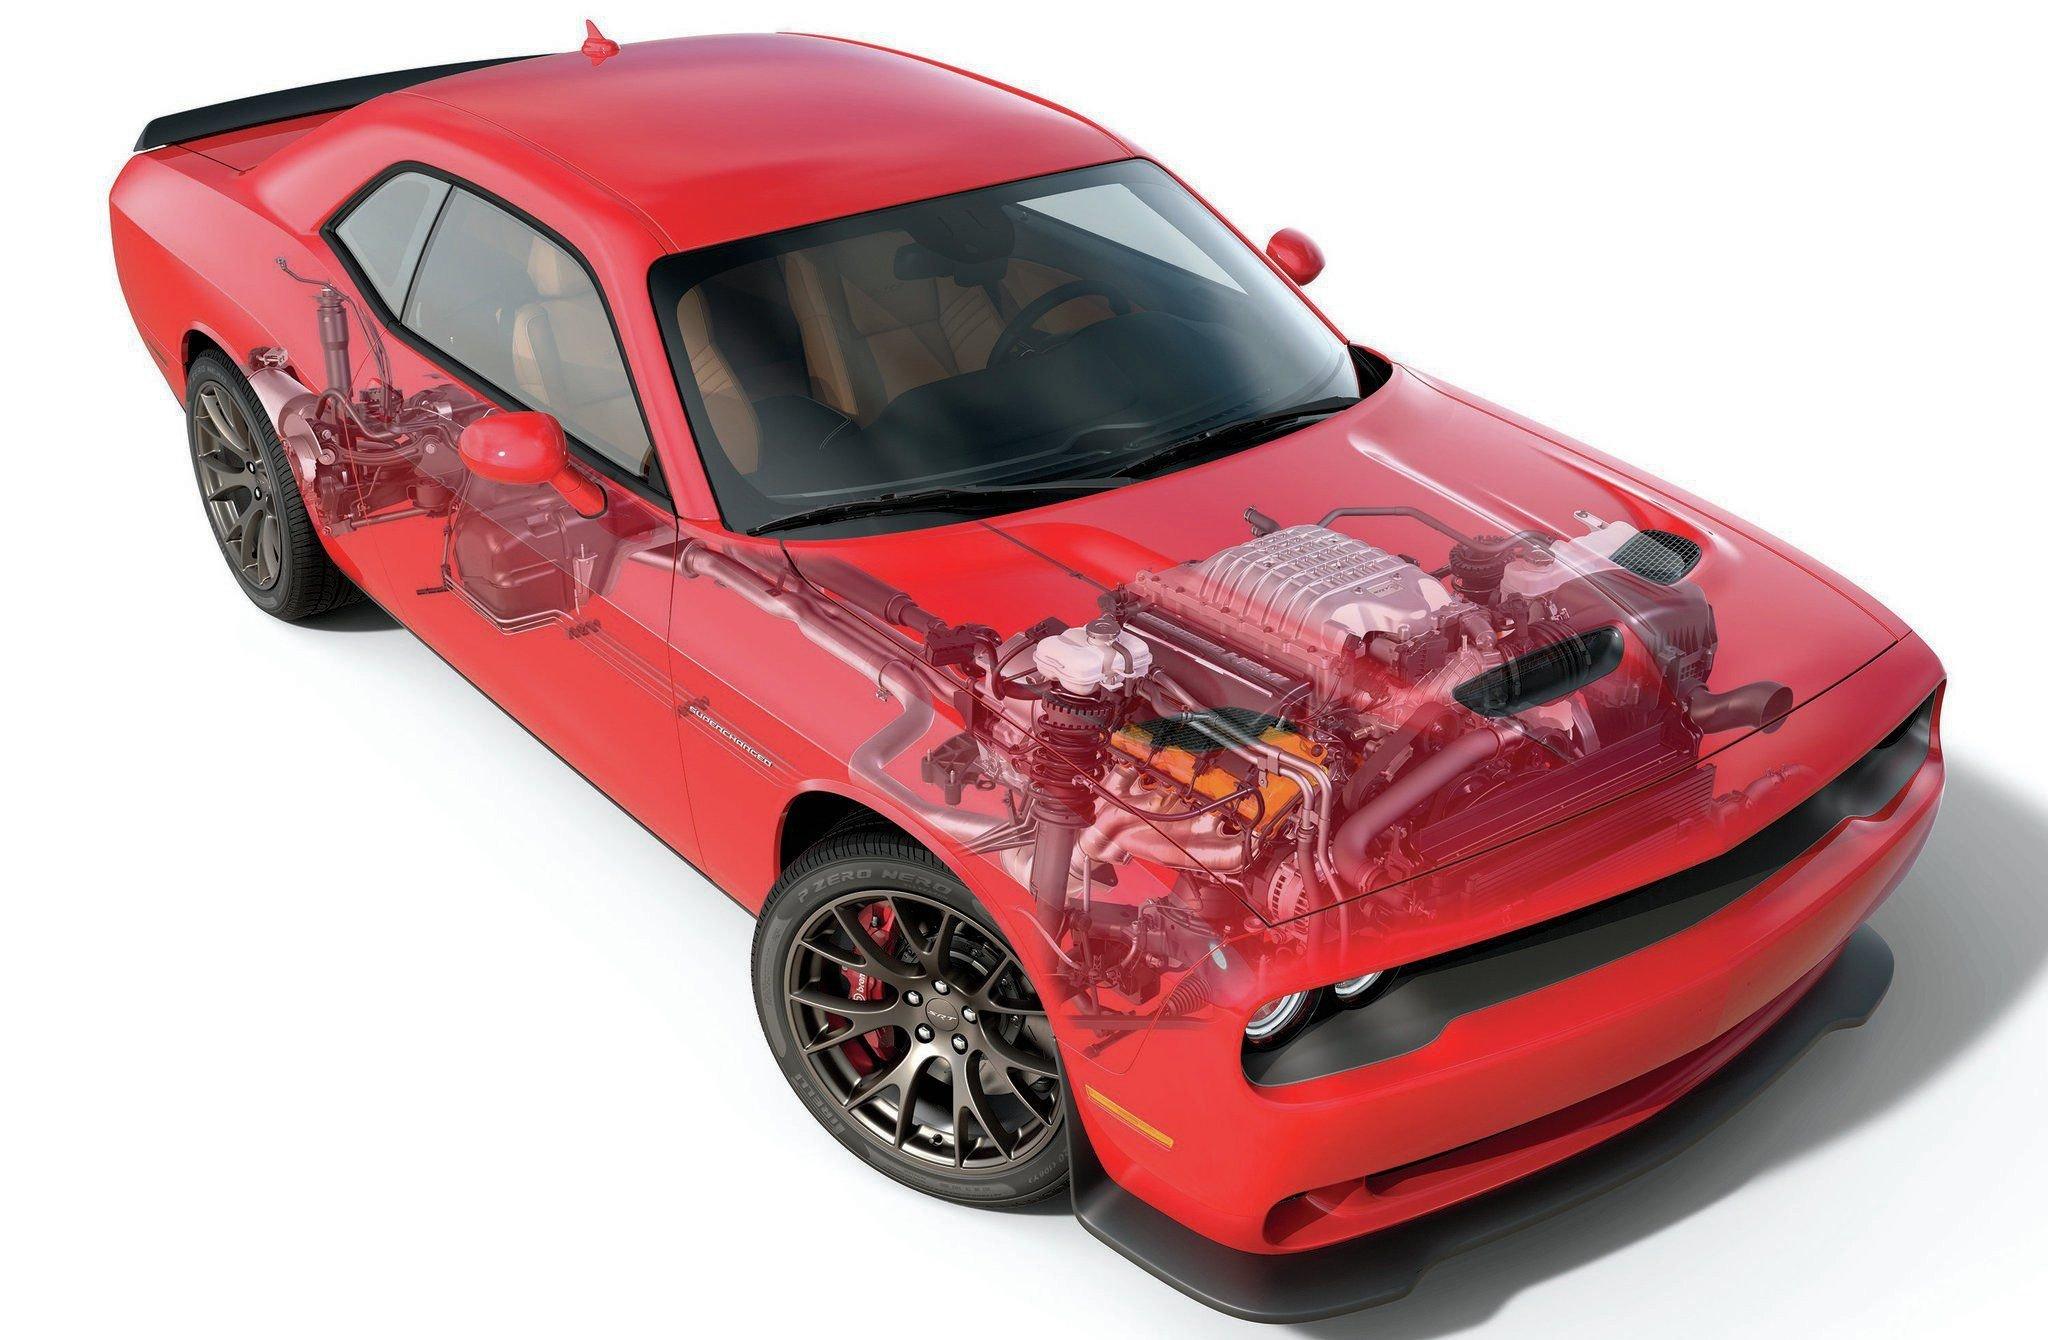 2015 Dodge Challenger Hellcat-04 wallpaper